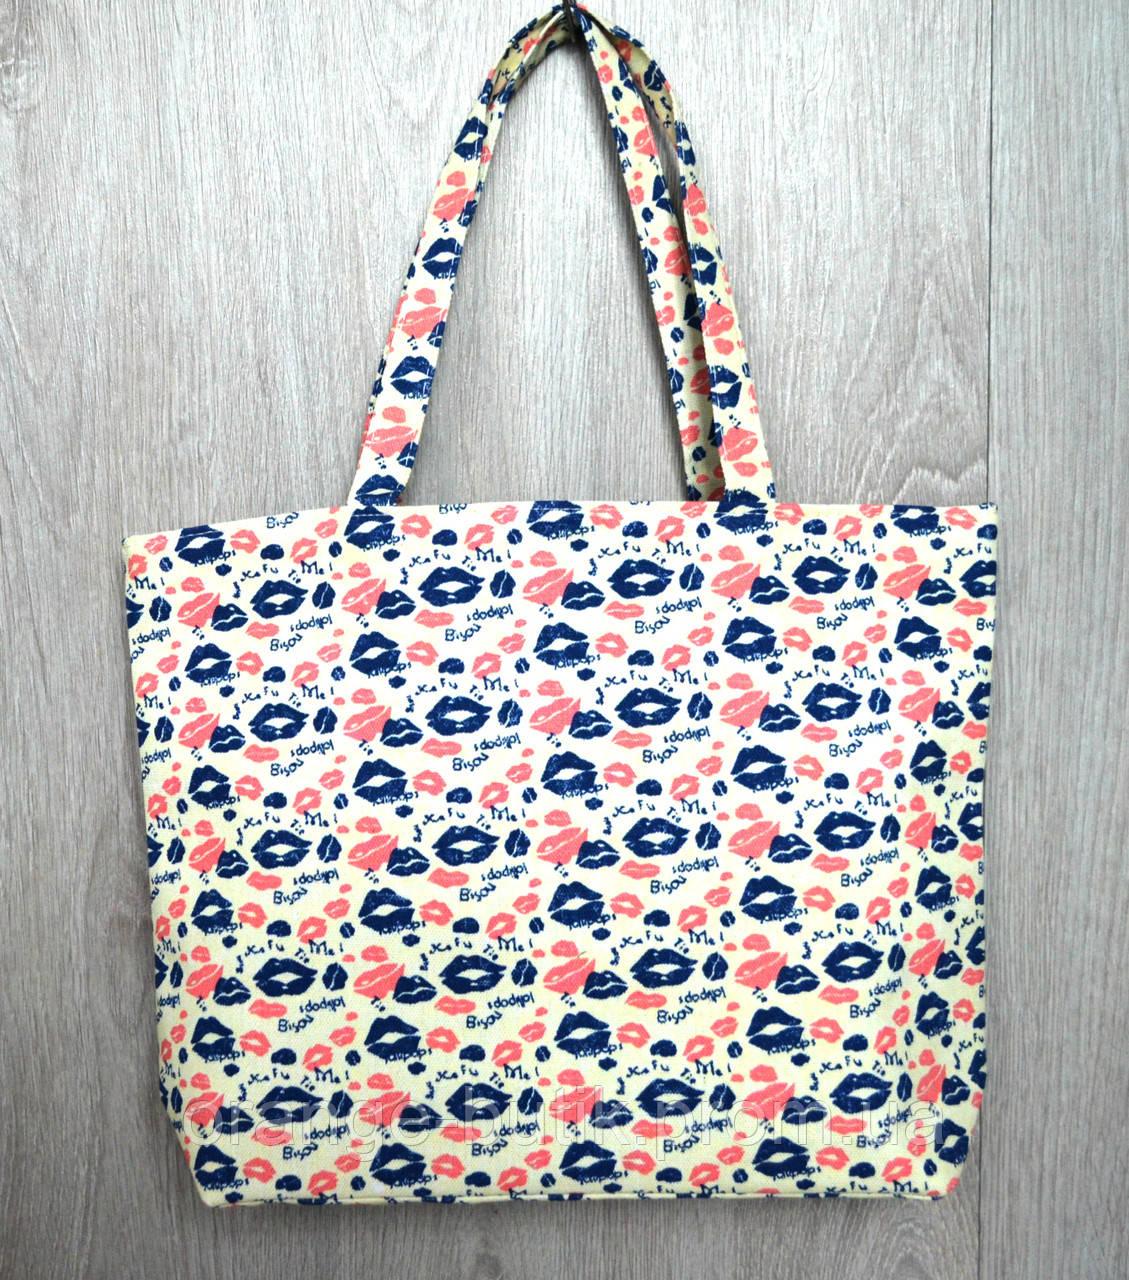 609f88310760 Пляжная, городская сумка с принтом поцелуйчики - Интернет-магазин